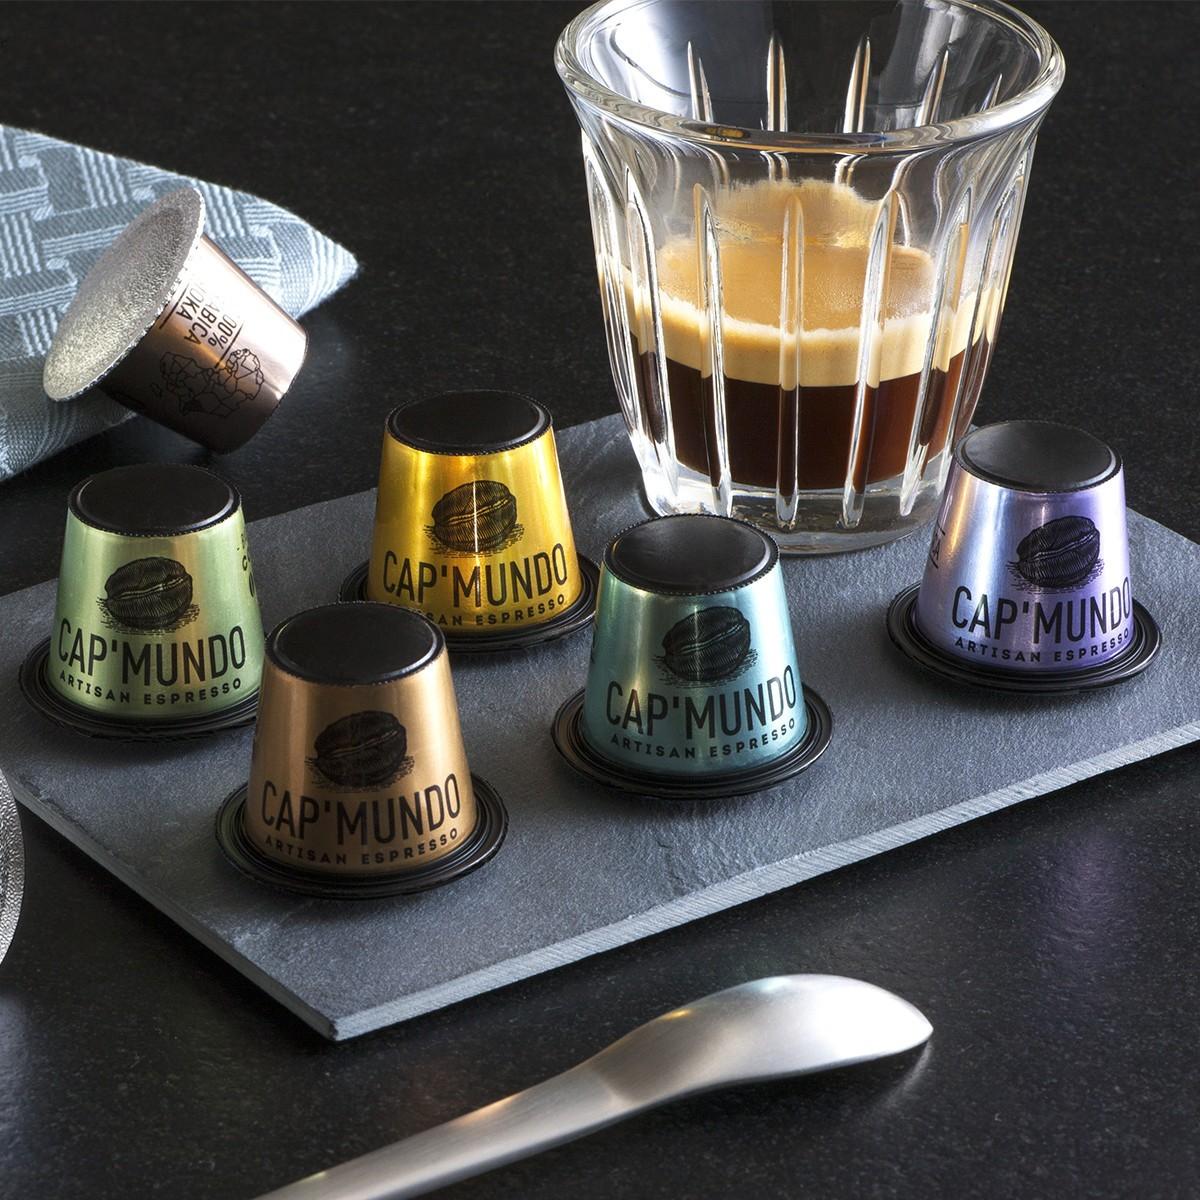 capsules de caf dark ebene puissant x10 capsules dosettes cap 39 mundo. Black Bedroom Furniture Sets. Home Design Ideas